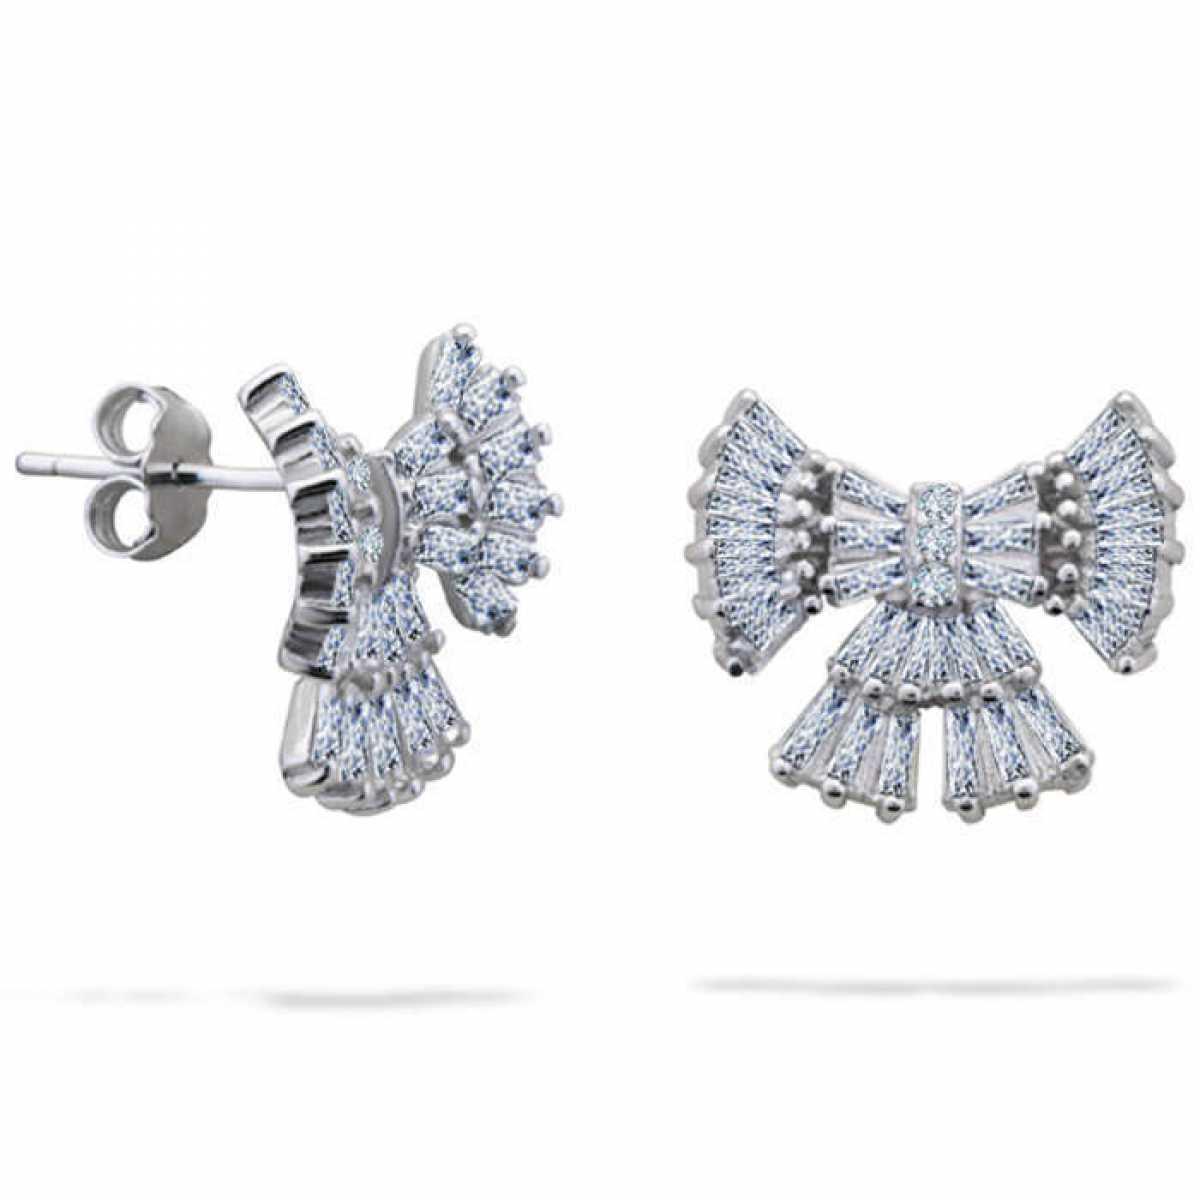 Baw Silver Stud Earring